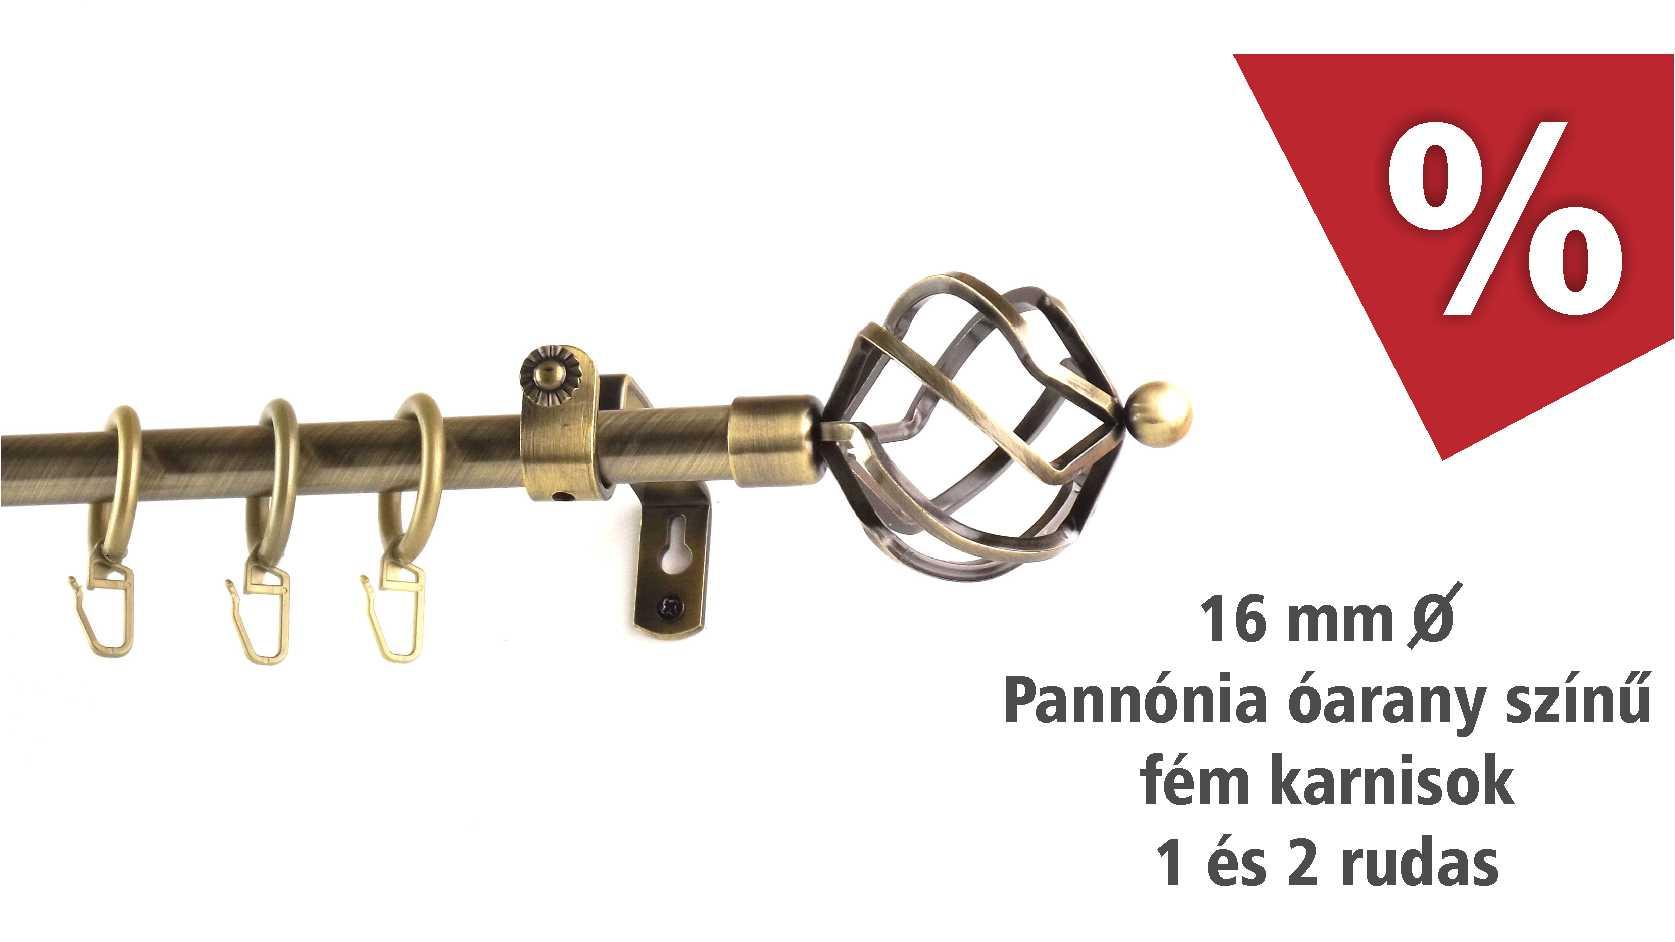 Pannónia óarany színű fém karnisok 1 és 2 rudas - májusban kedvezményes áron - www.karnisstudio.hu